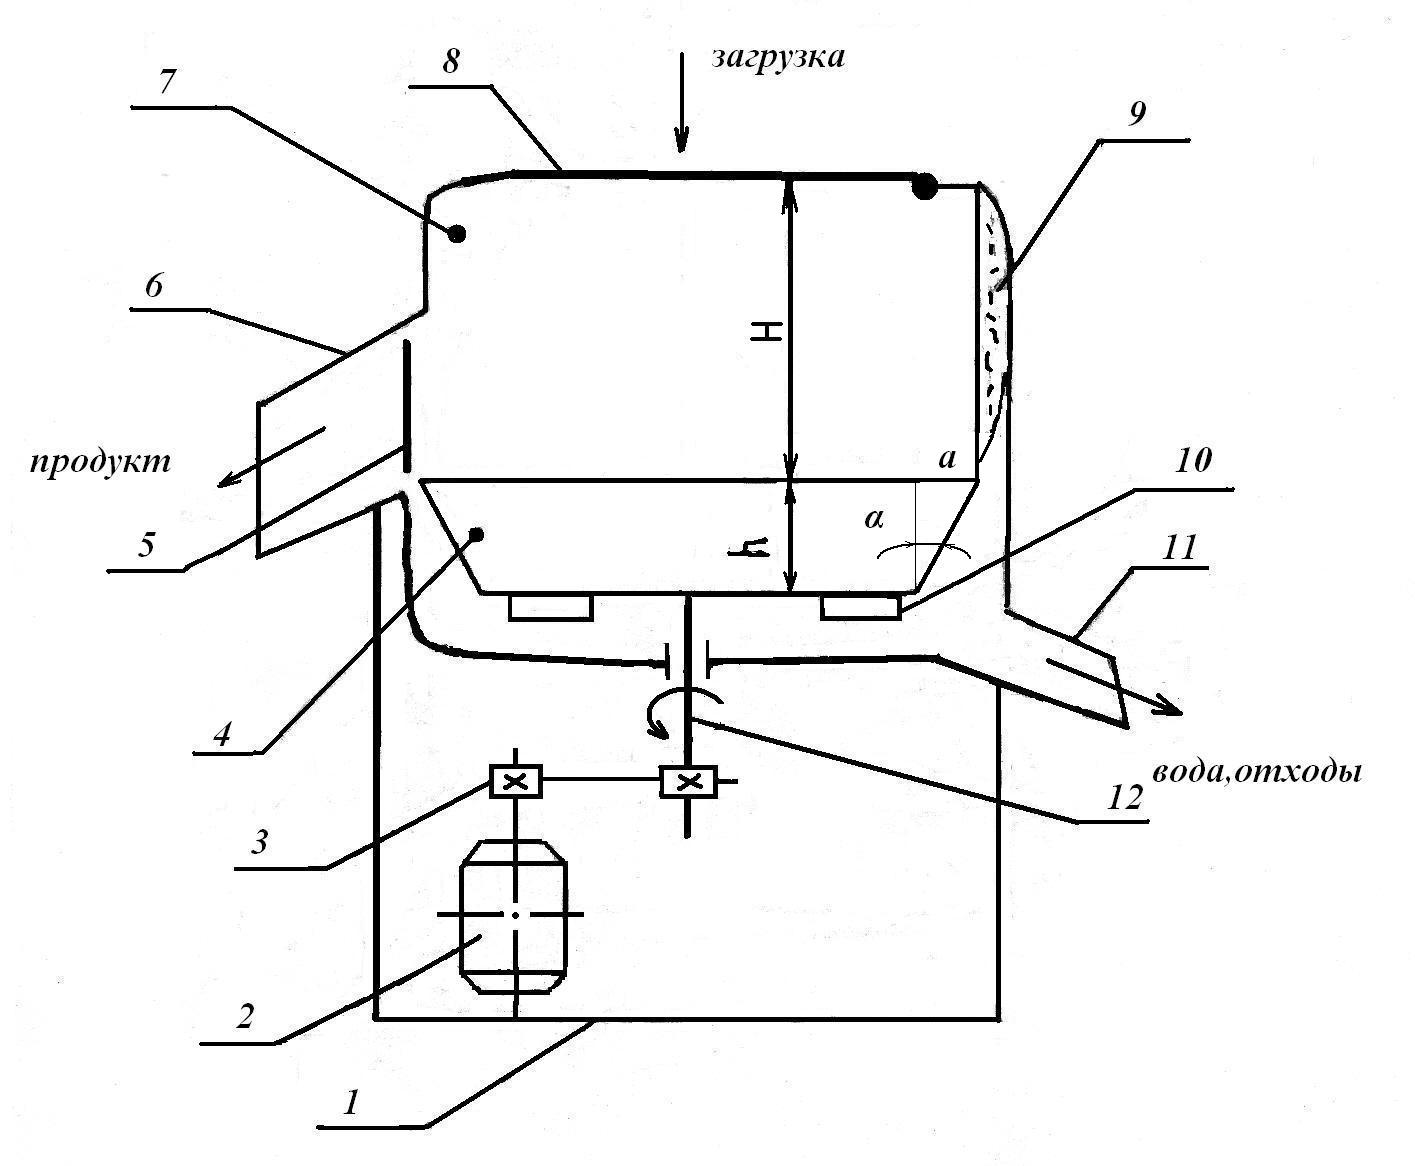 рисунок-схема универсальной машины типа мро-400-1000